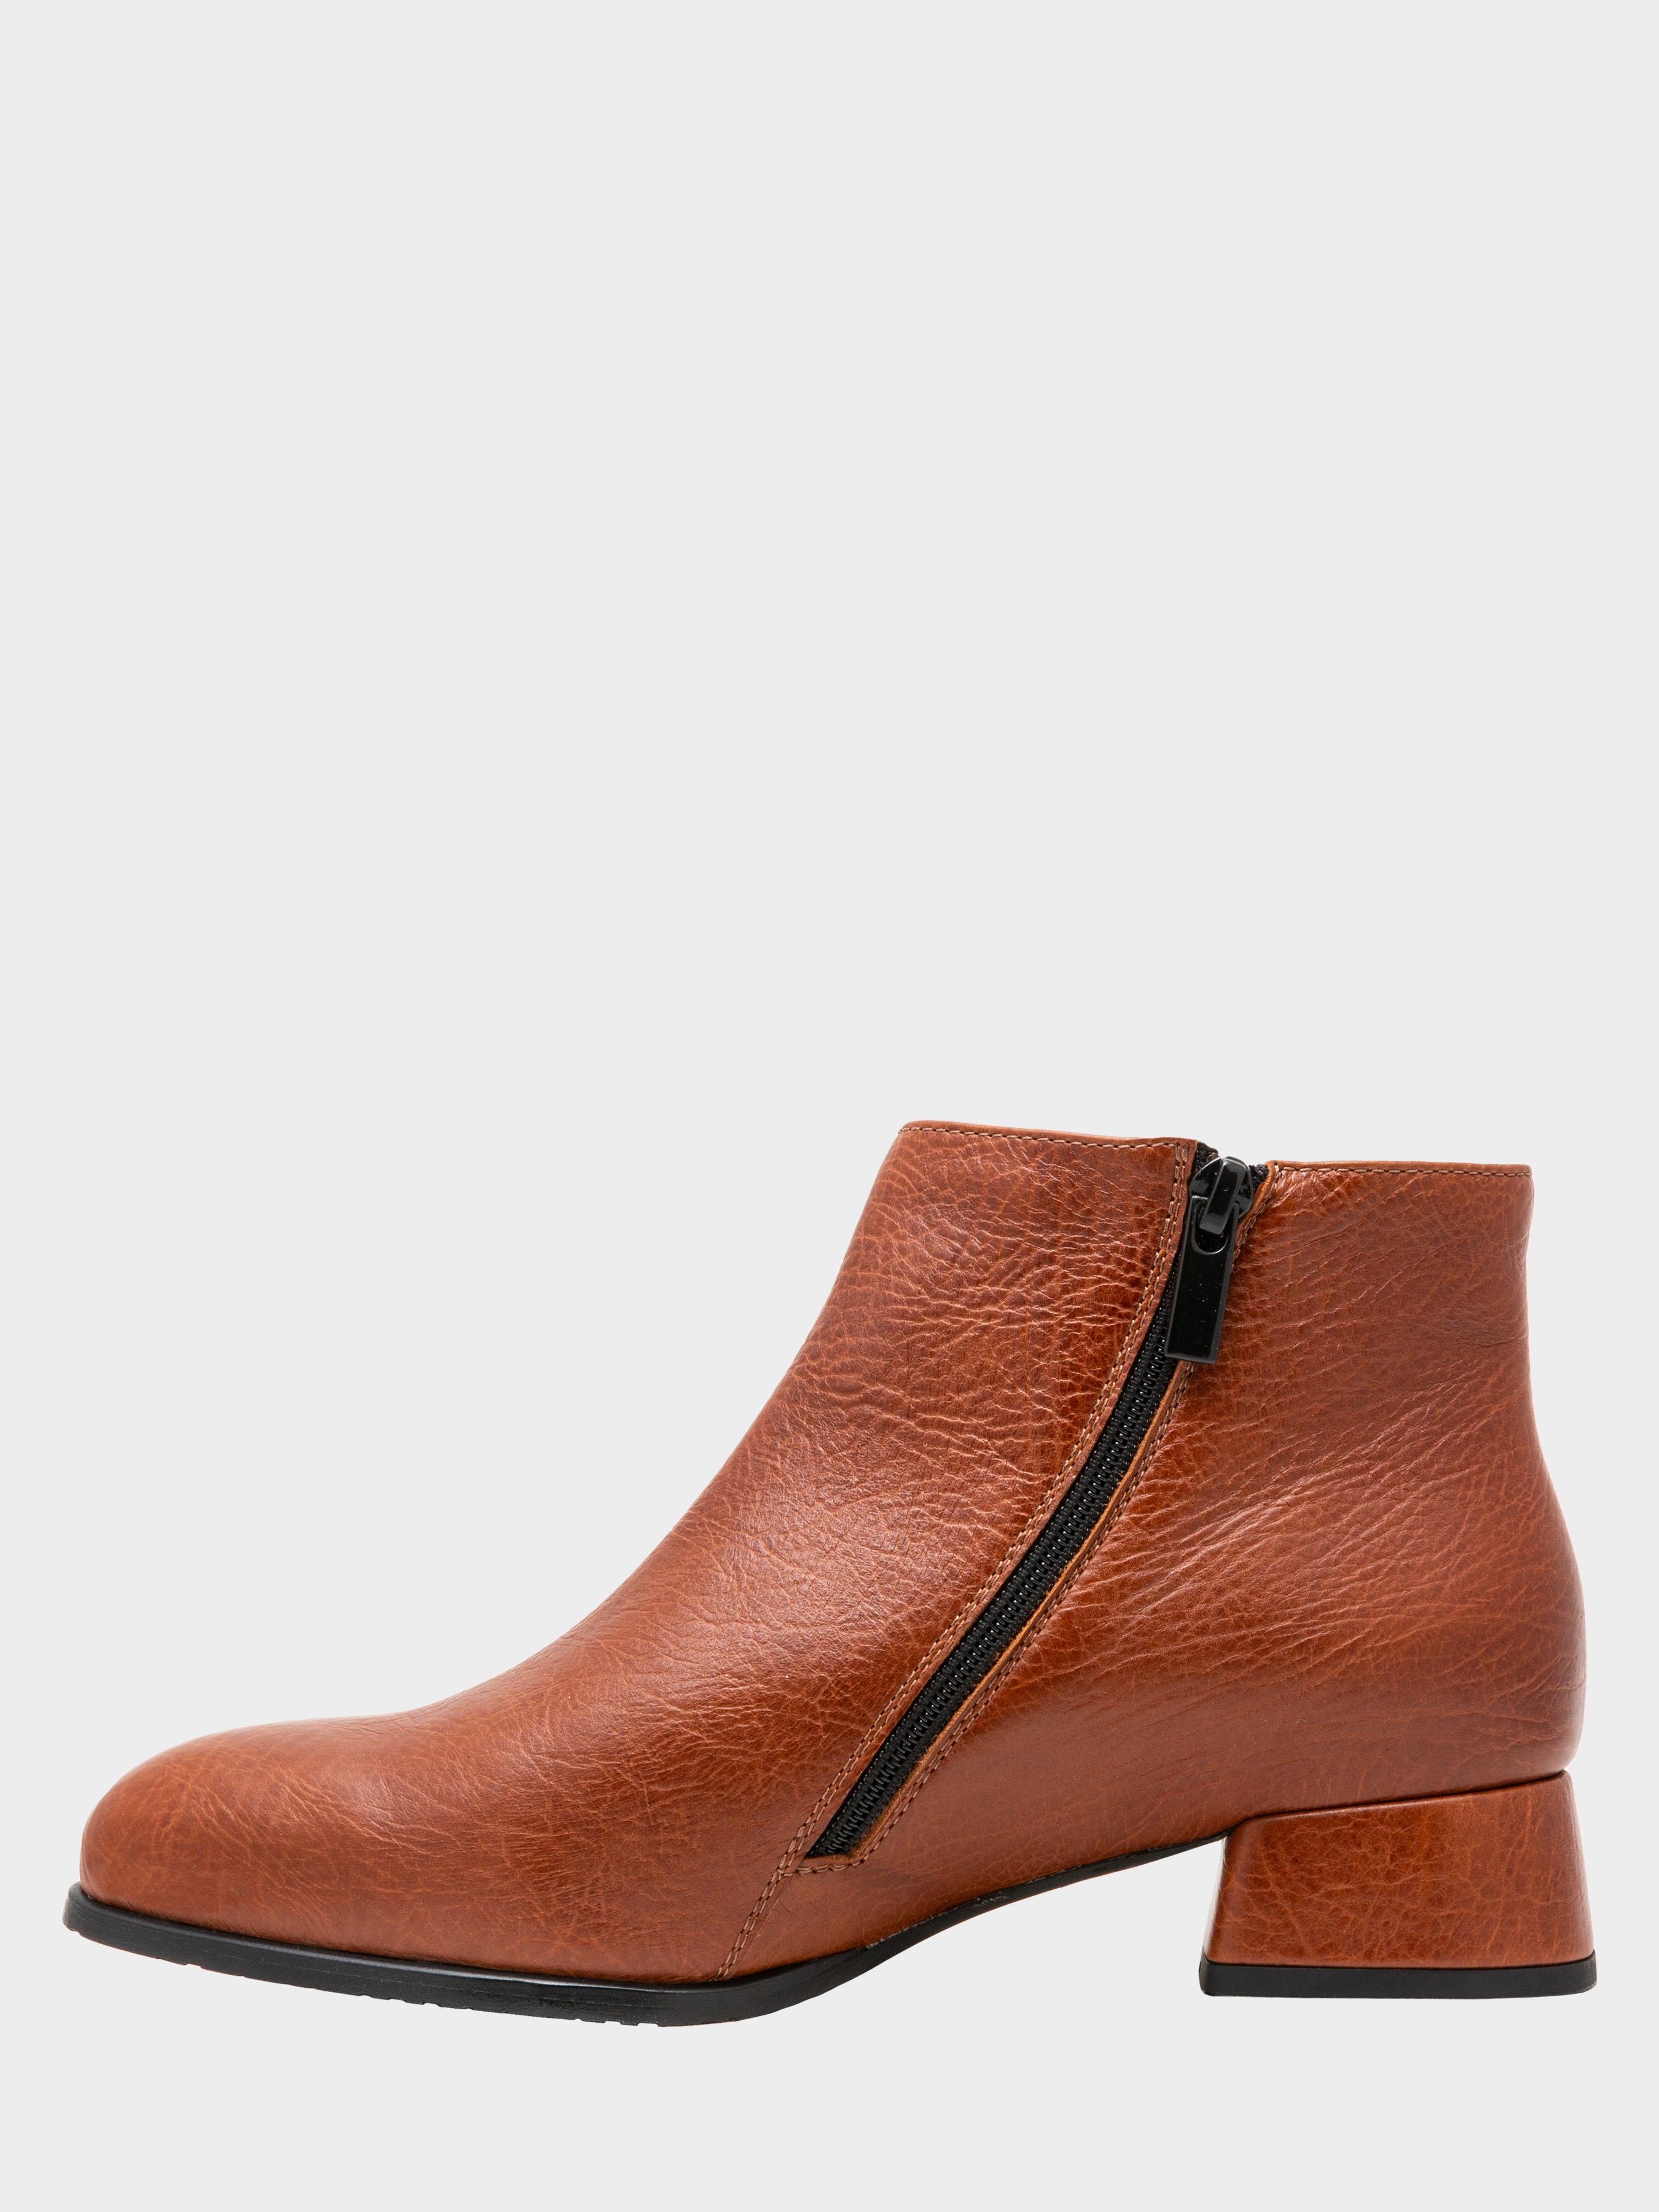 Ботинки для женщин Ботинки женские ENZO VERRATTI 18-10029-4br купить в Интертоп, 2017